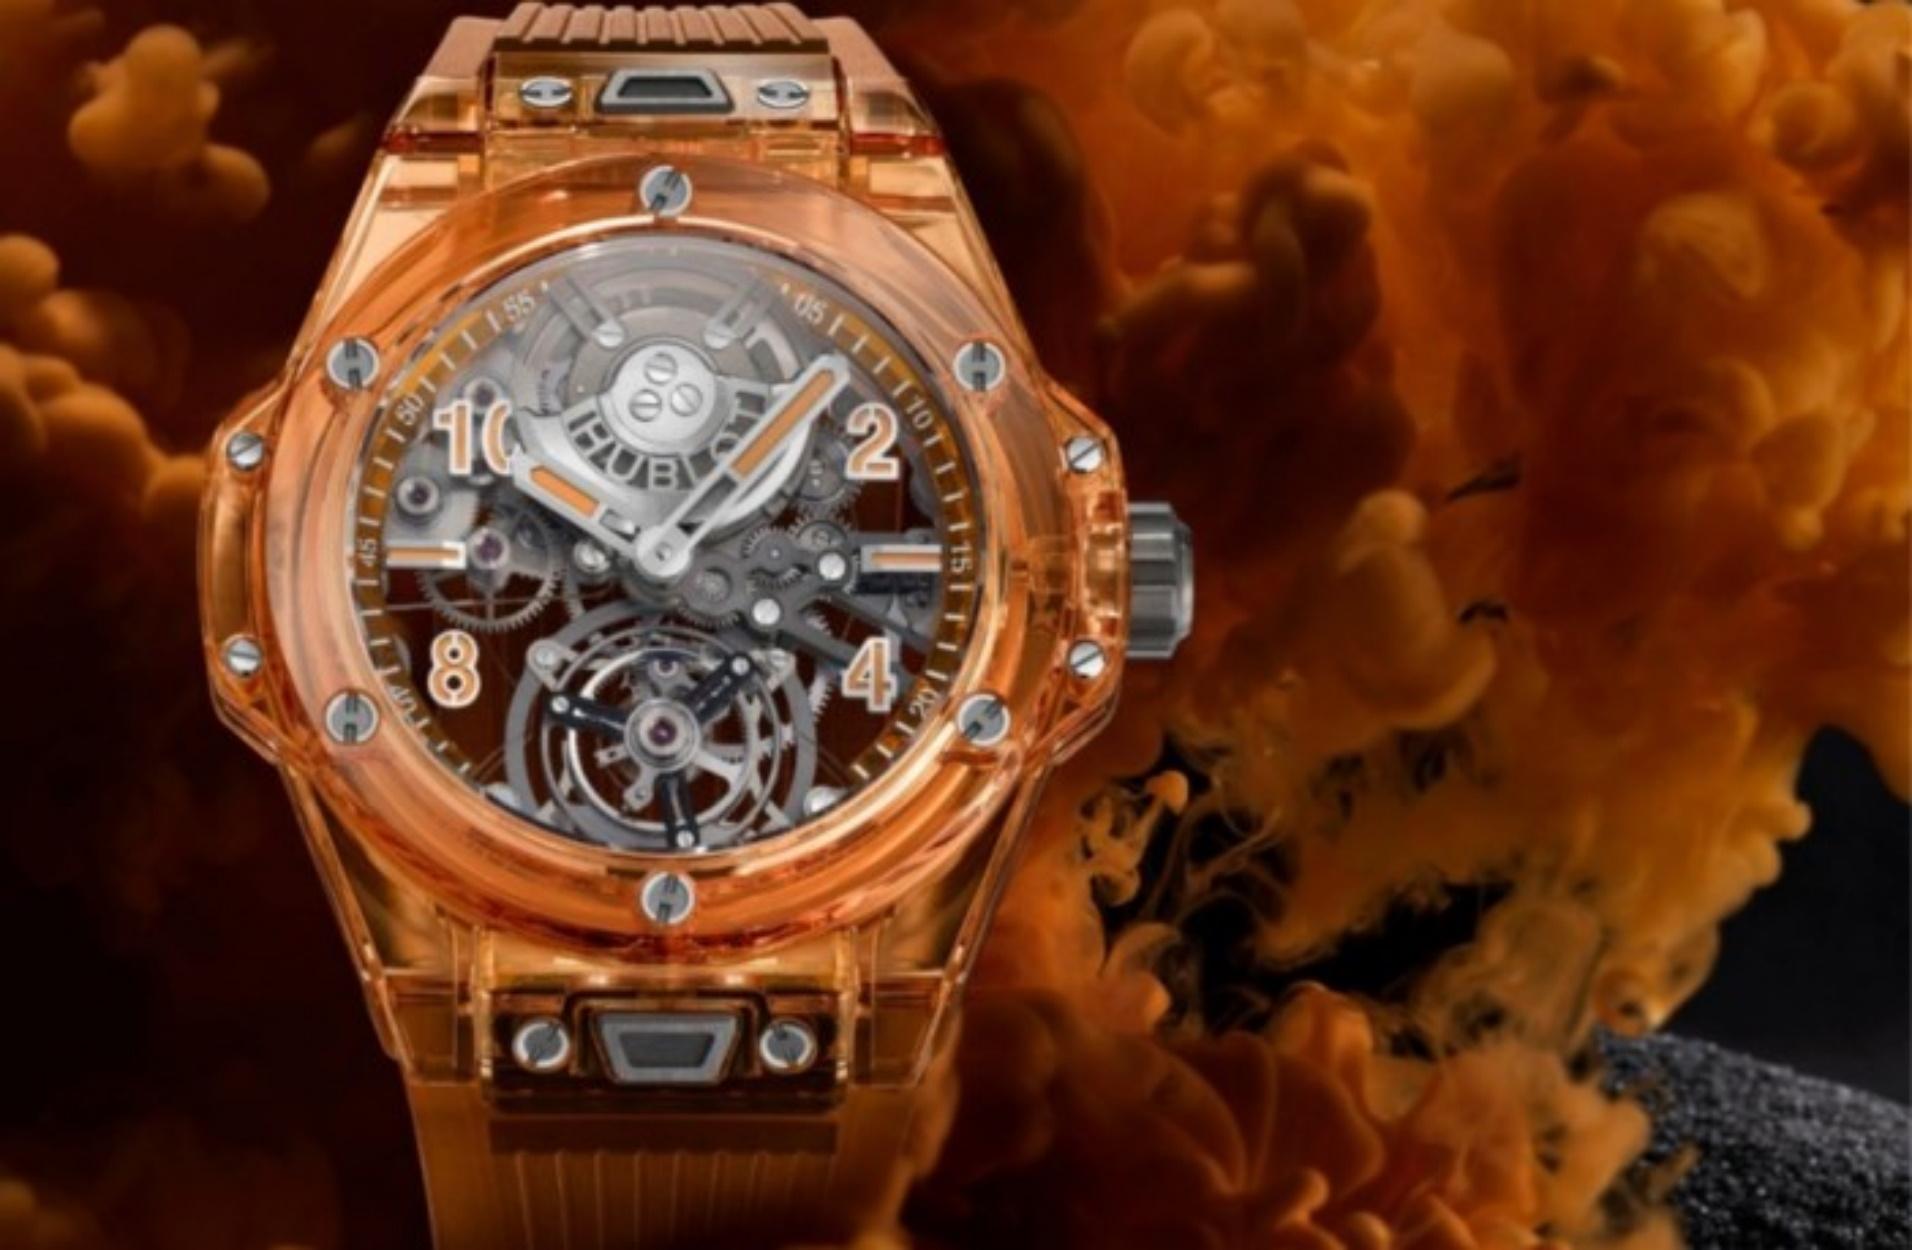 Το νέο ρολόι της Hublot κοστίζει 169.000 δολάρια και… όχι άδικα!